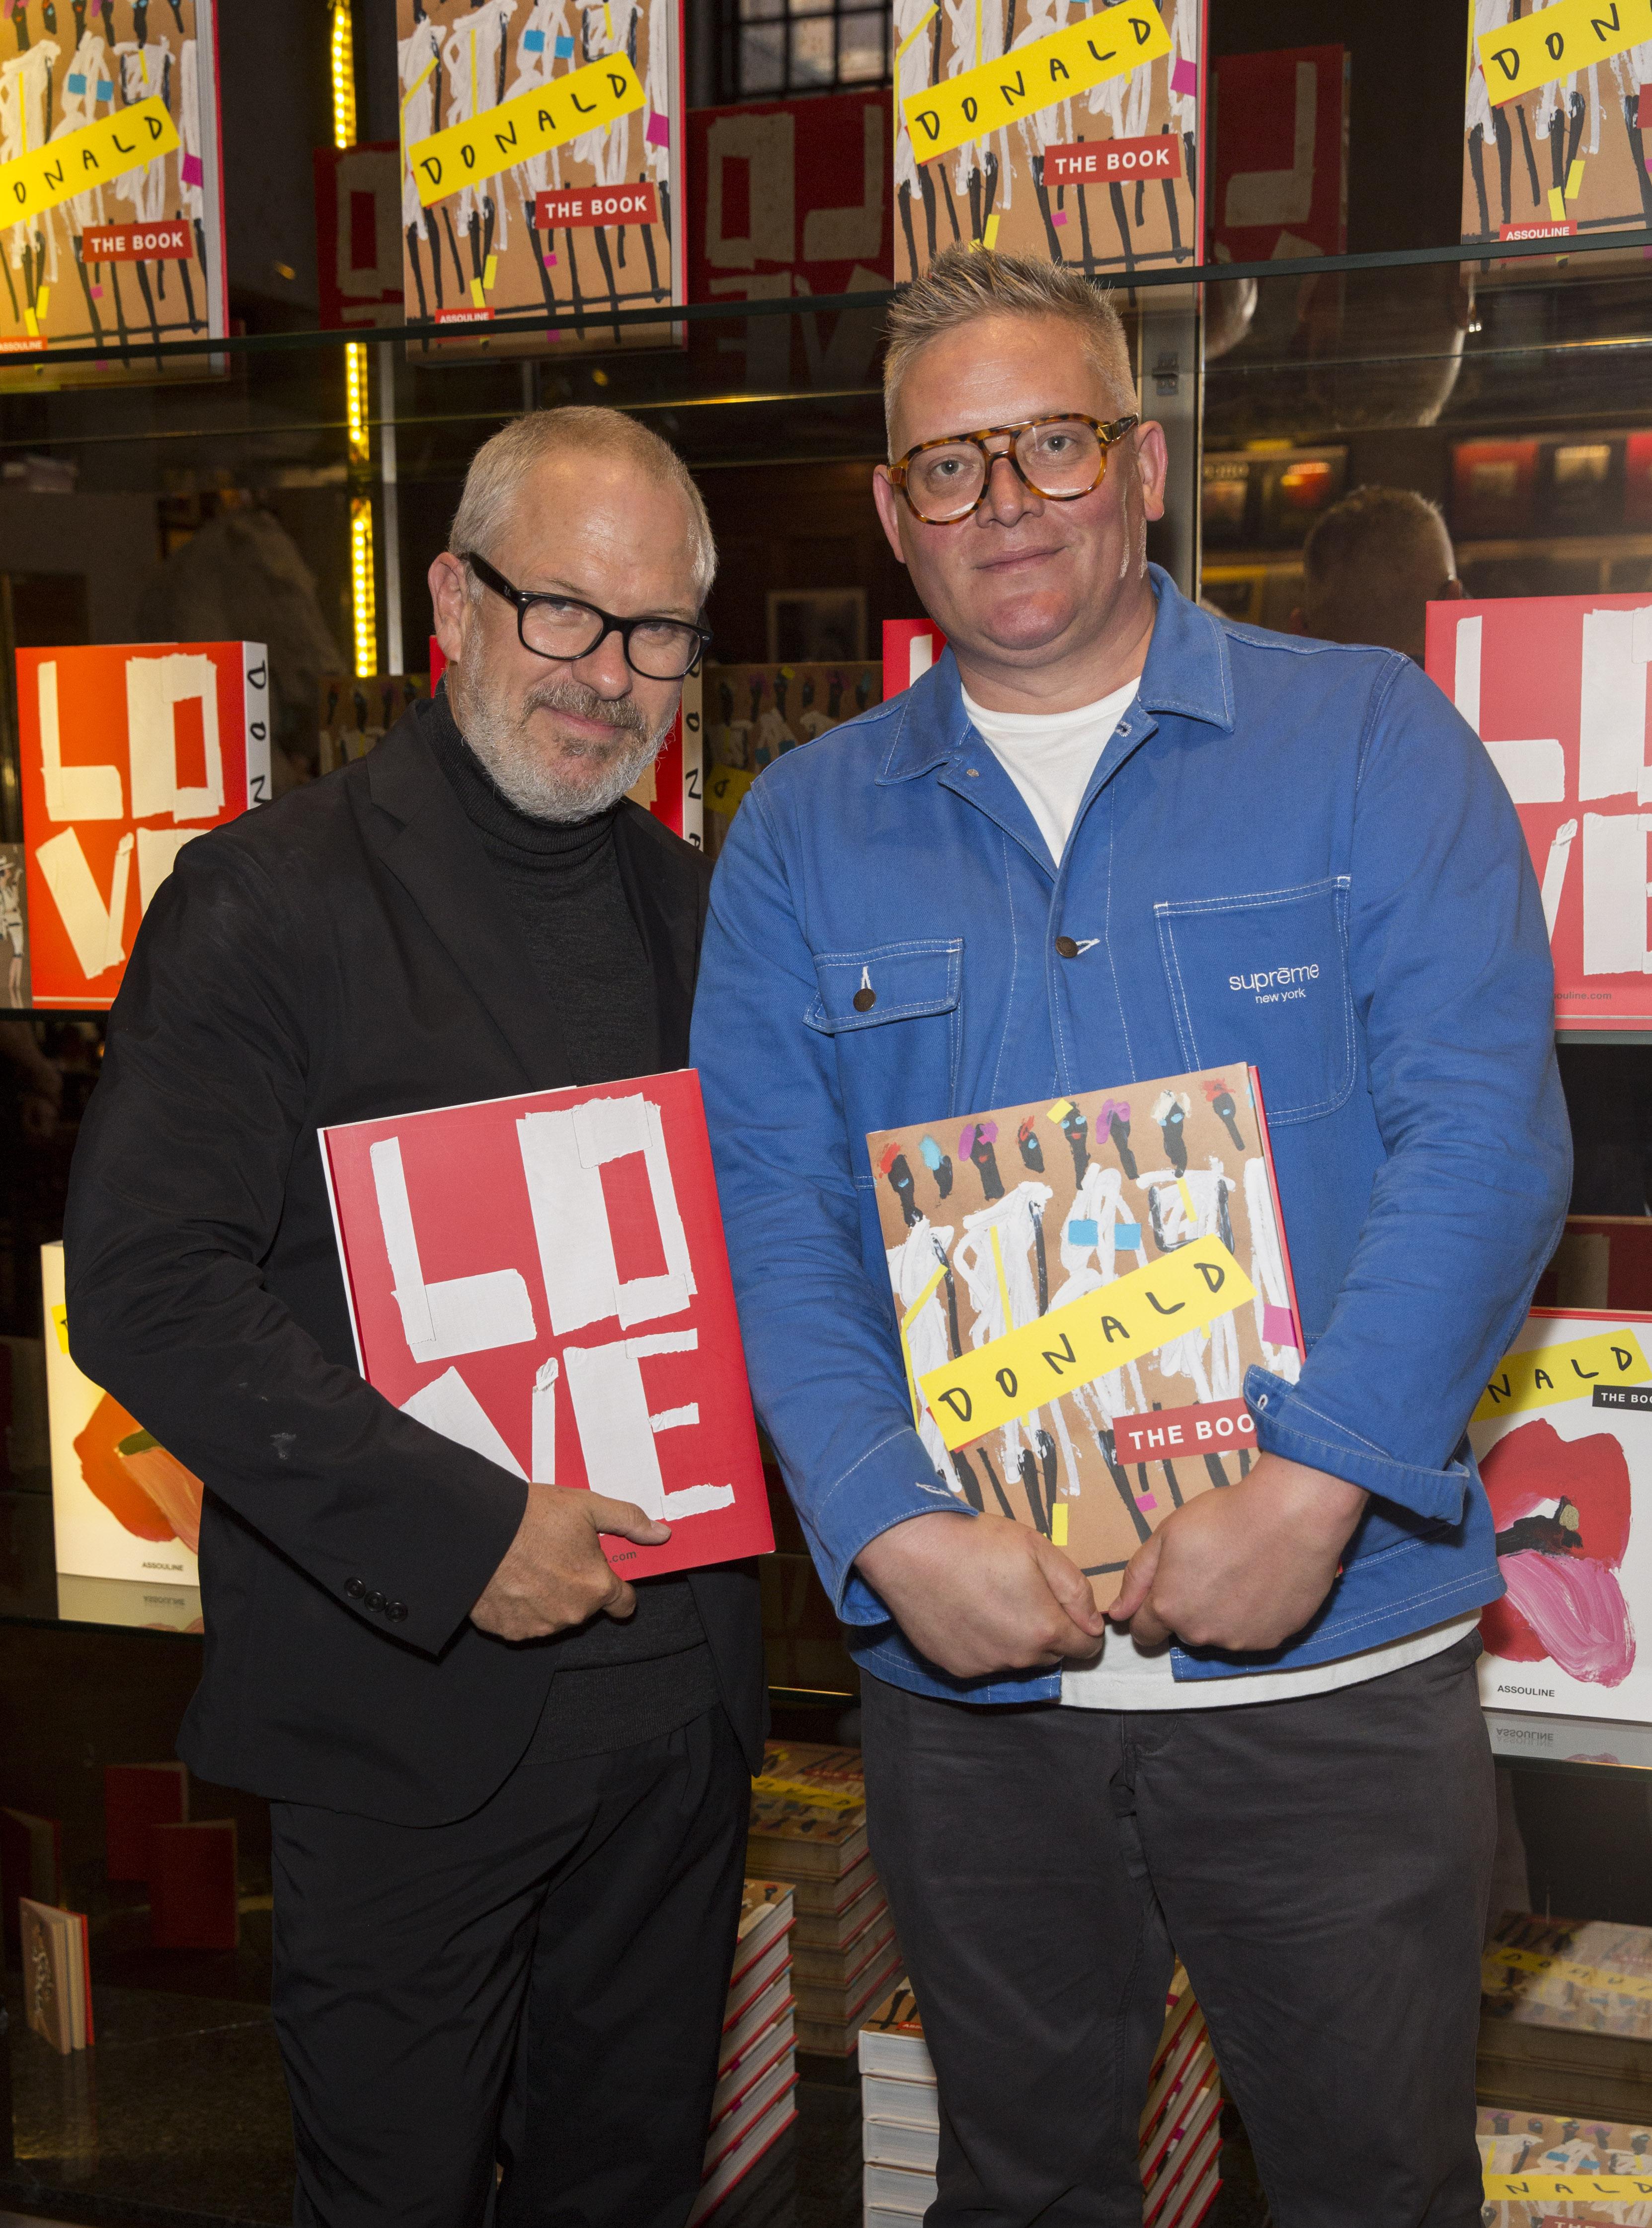 Giles Deacon and artist Donald Robertson